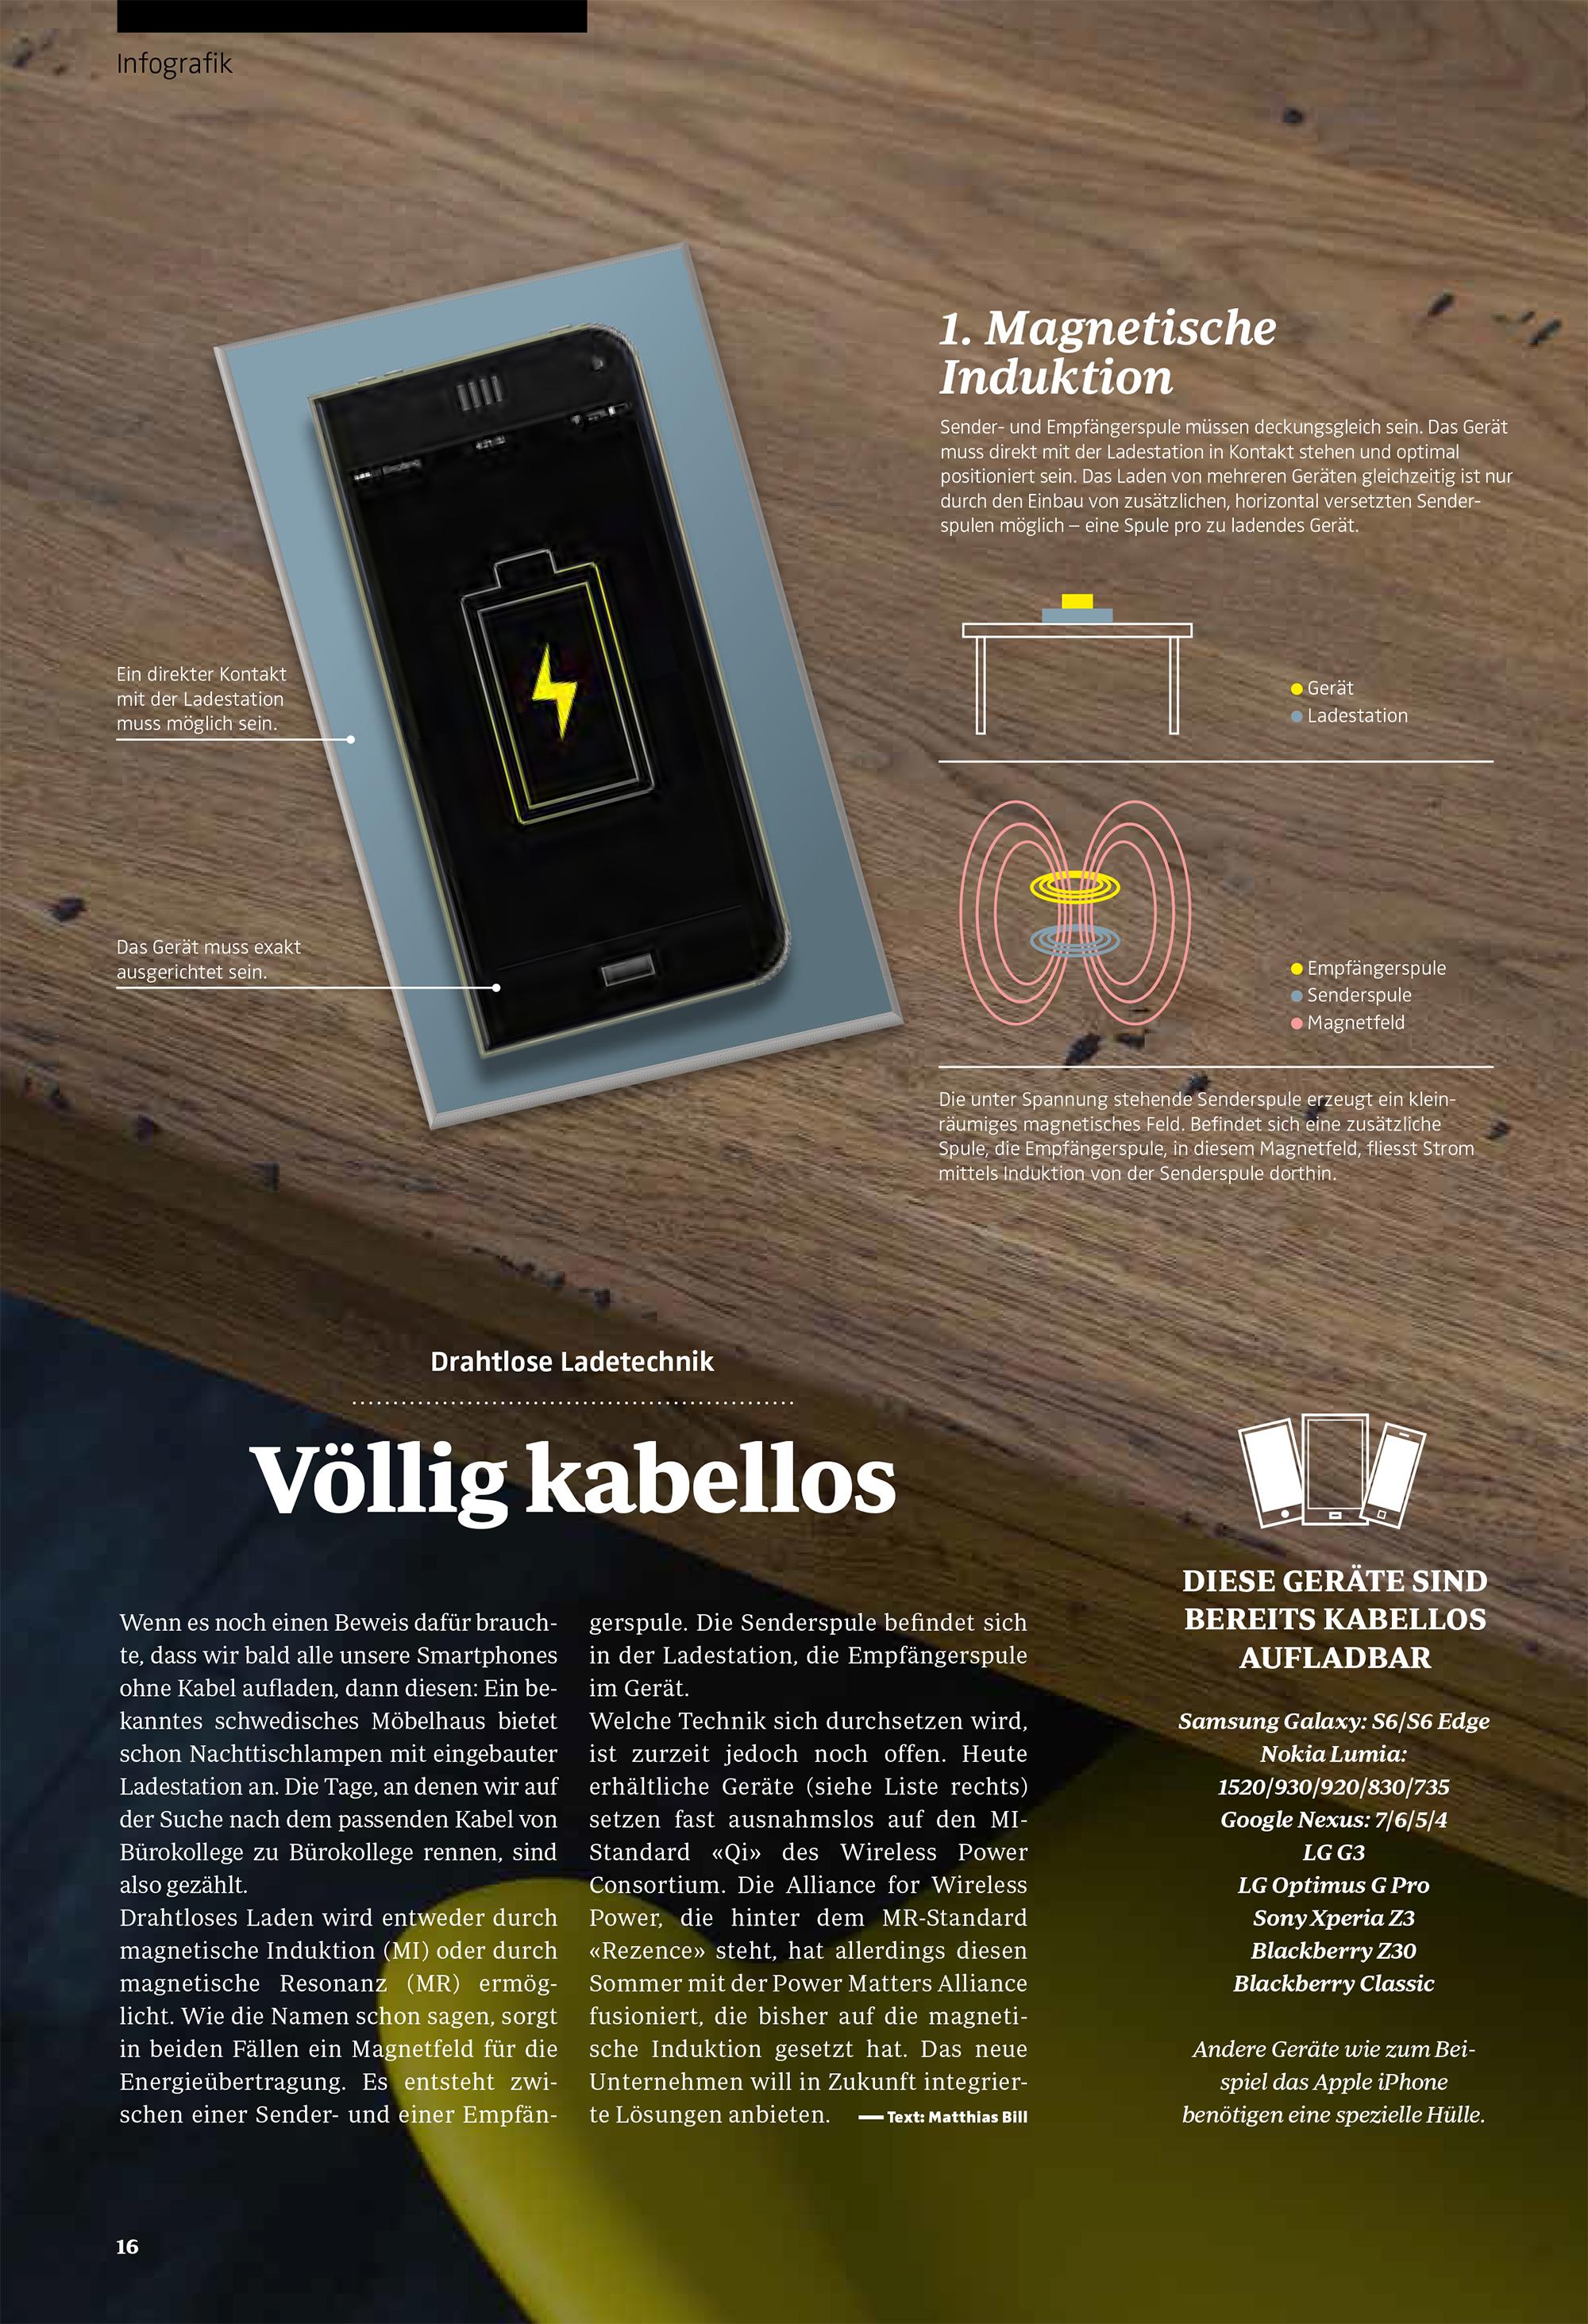 TearSheet_19_Strom Infografik voellig kabellos_01